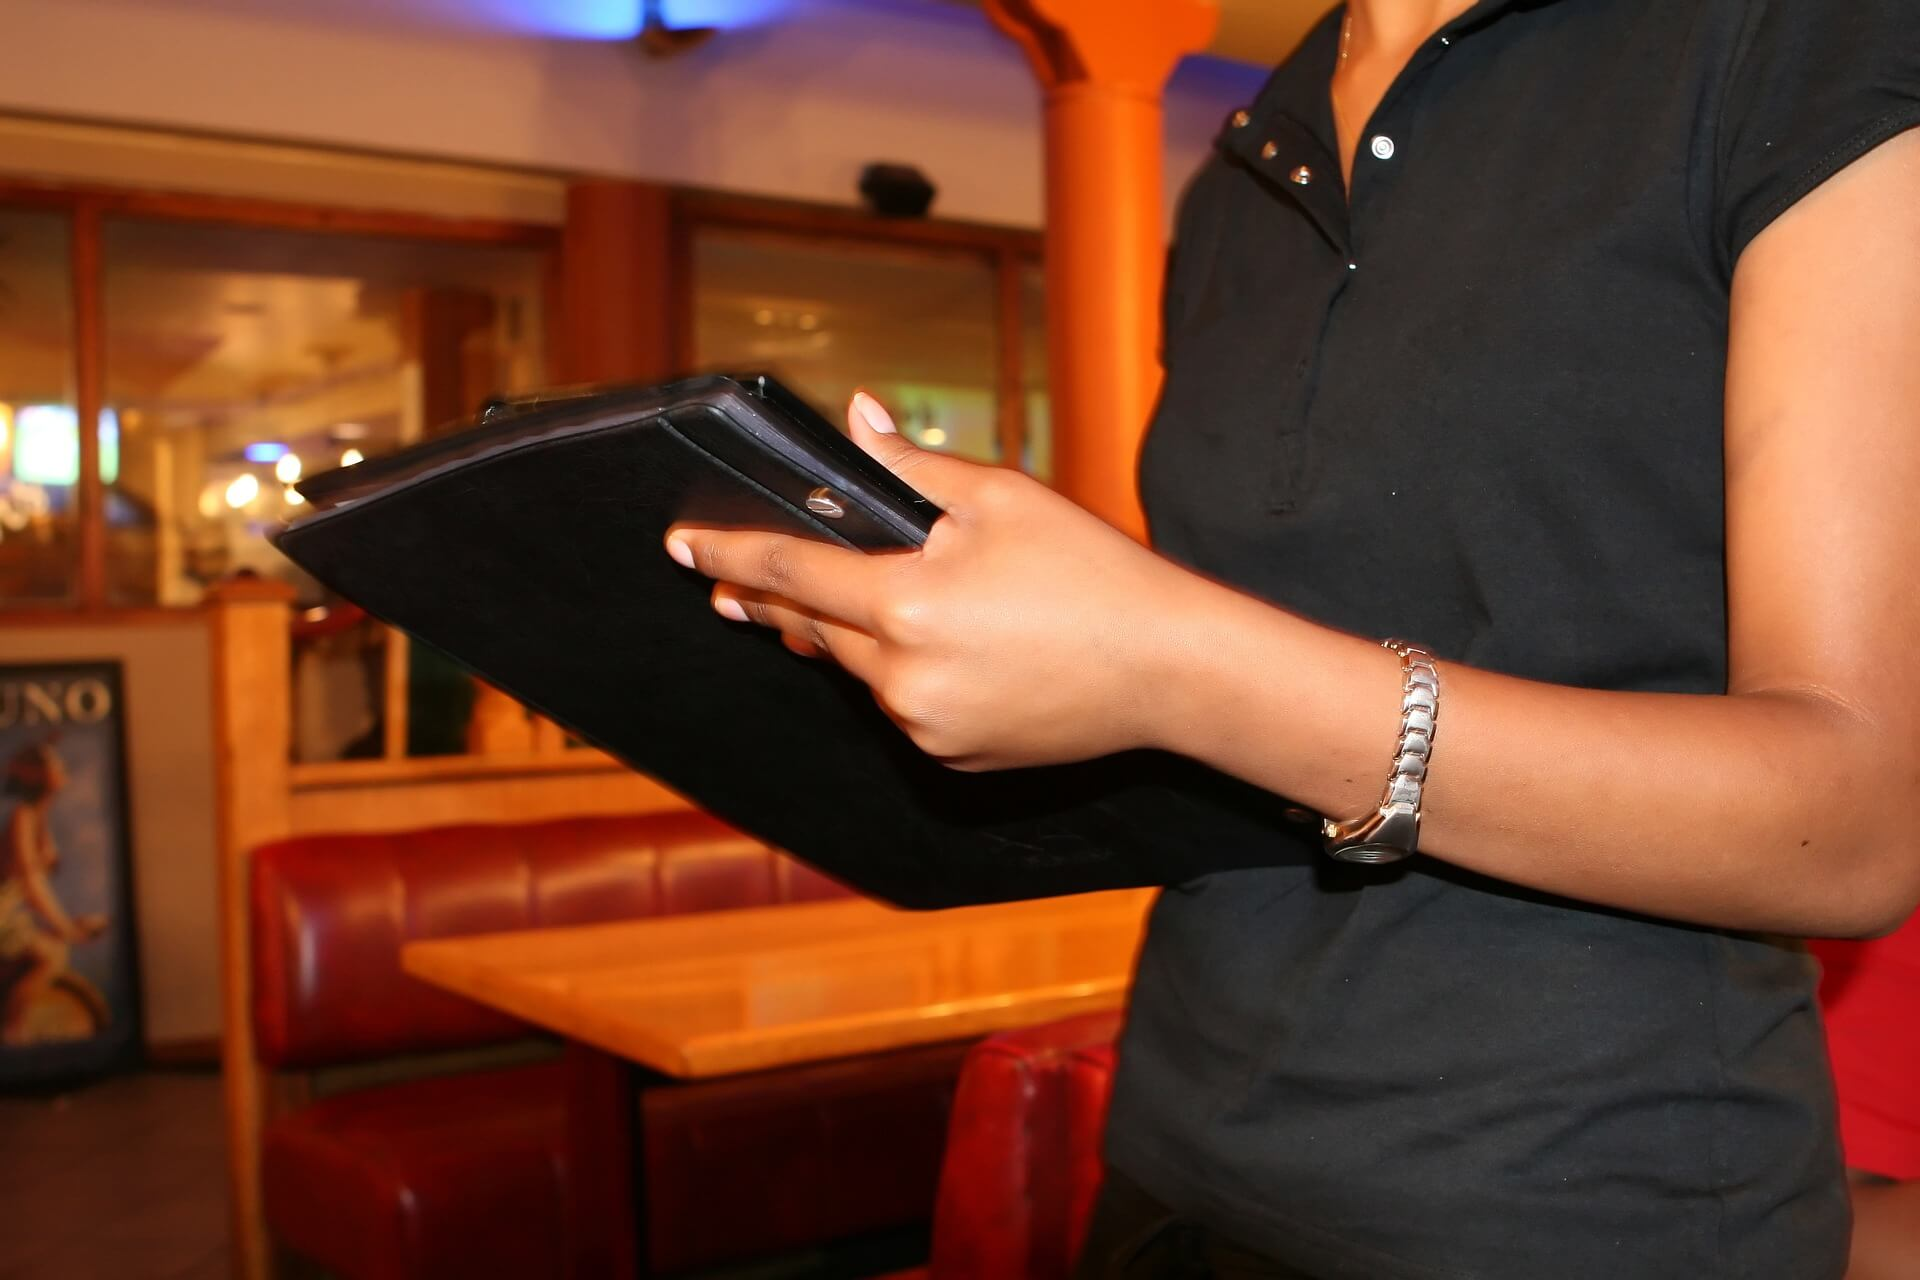 Camarera de bar, cafetería o restaurante